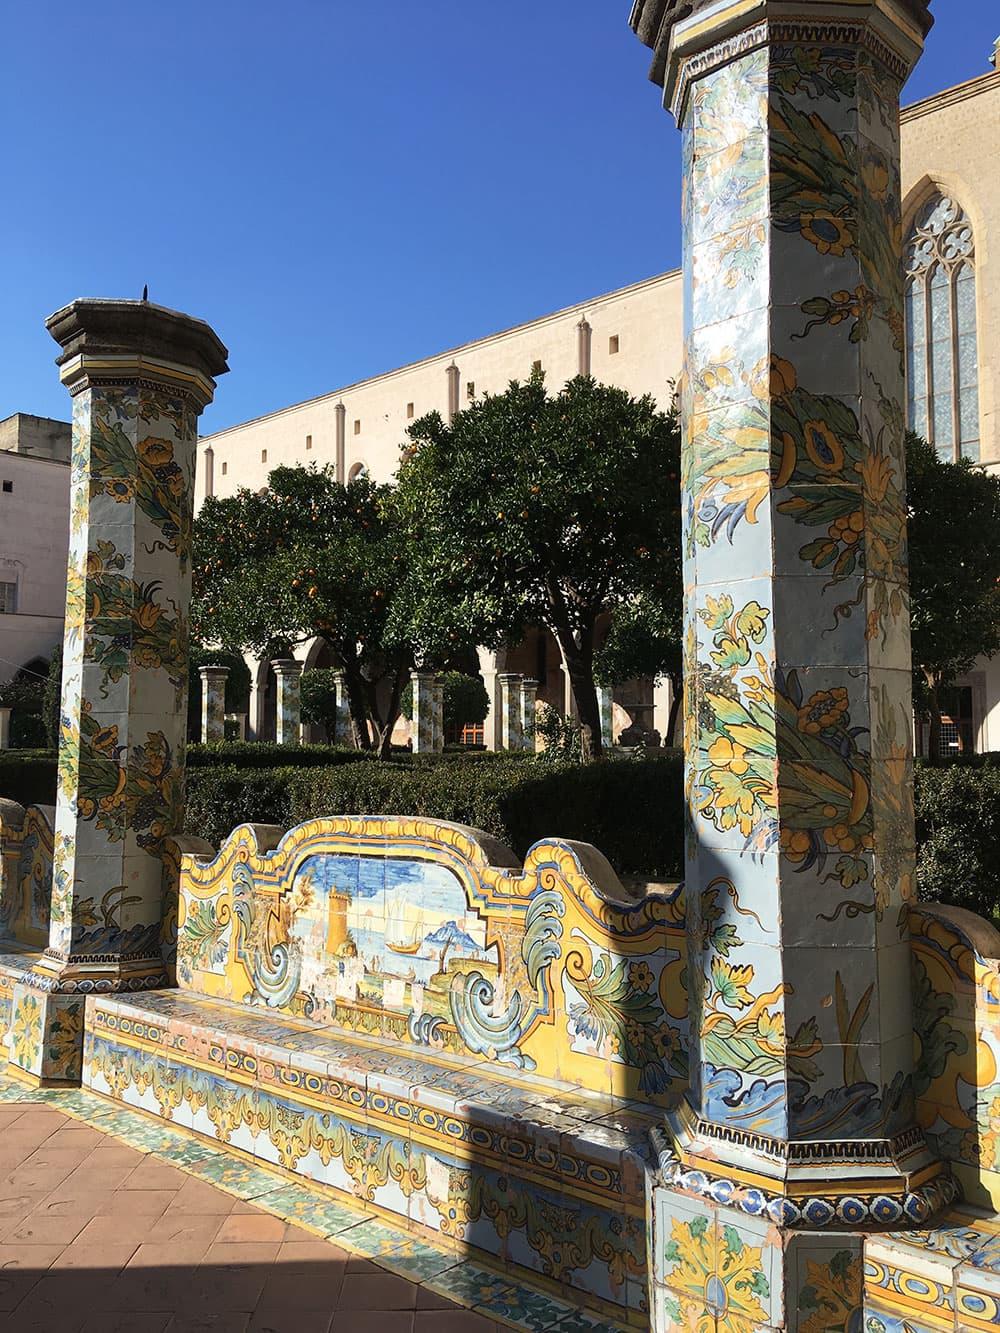 Tiled columns and a bench at Santa Chiara